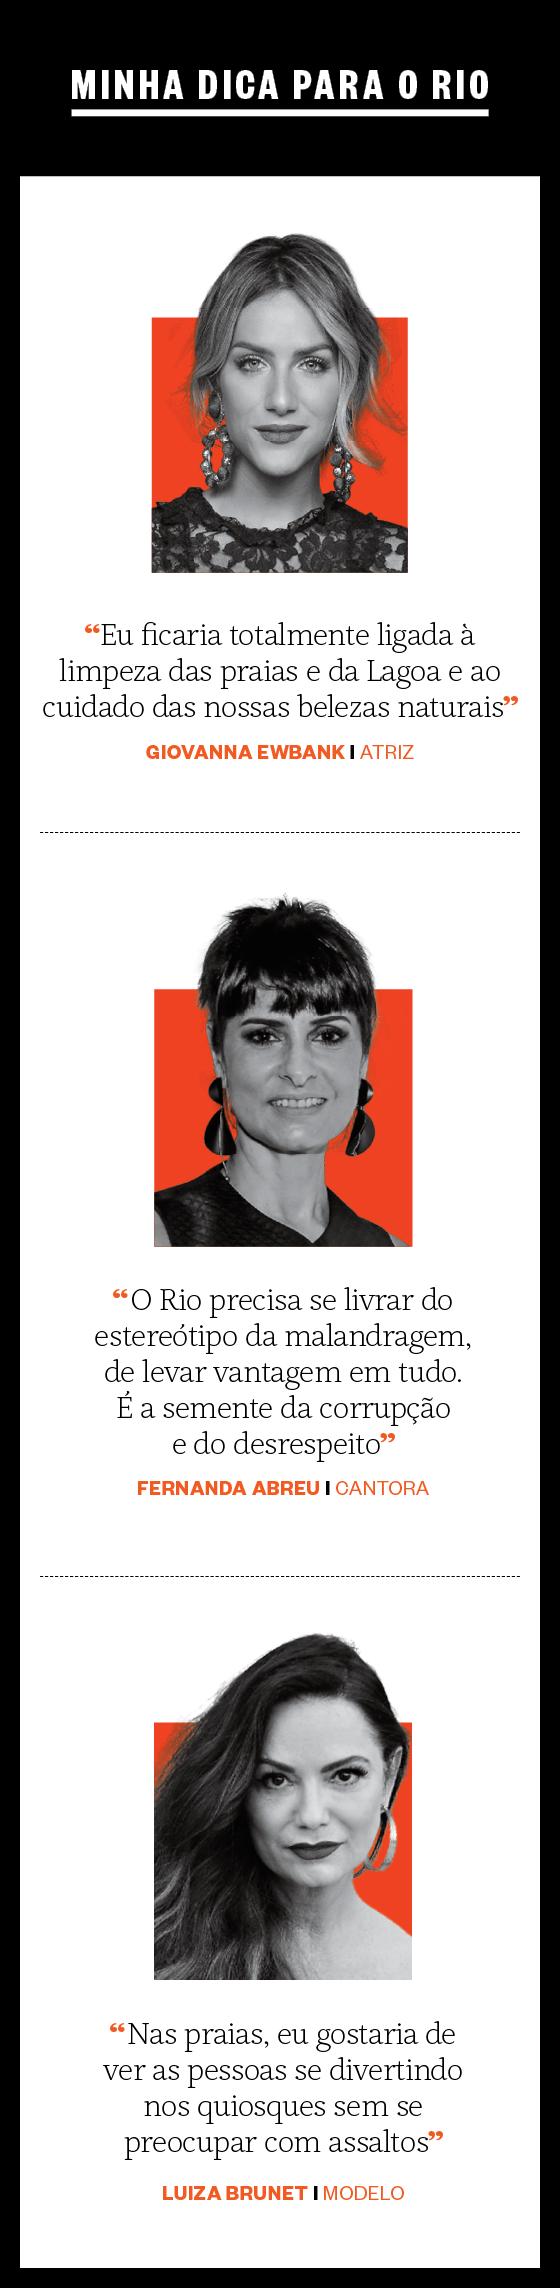 Minha dica para o Rio (Foto: Época)